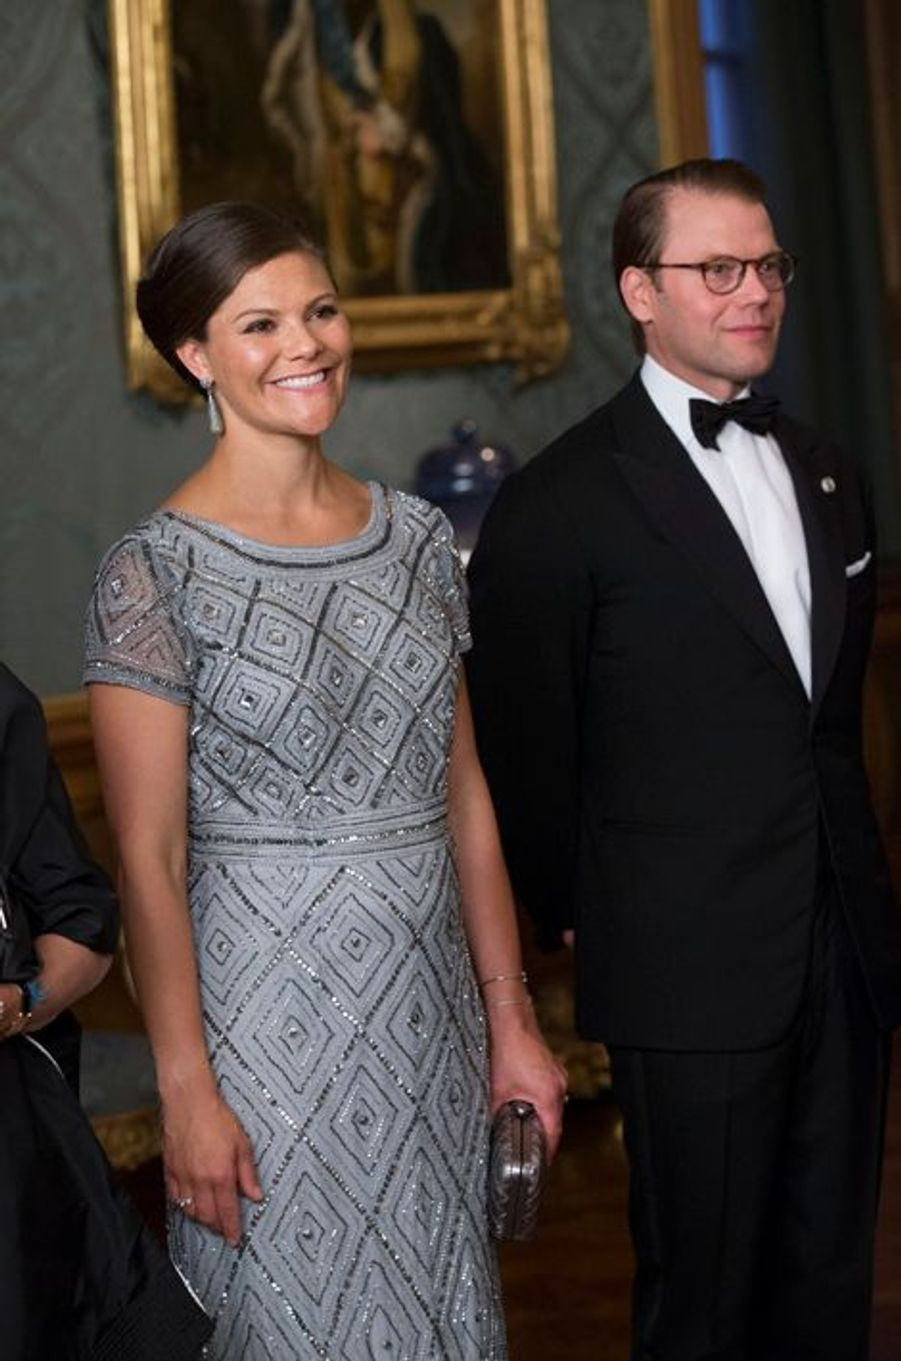 La famille royale a donné ce vendredi soir 4 septembre un «Diner de Suède» au palais royal de Stockholm. Et les invités avaient un sujet de conversation tout trouvé : l'annonce de la nouvelle grossesse de la princesse Victoria…Chaque dimanche, le Royal Blog de Paris Match vous propose de voir ou revoir les plus belles photographies de la semaine royale.